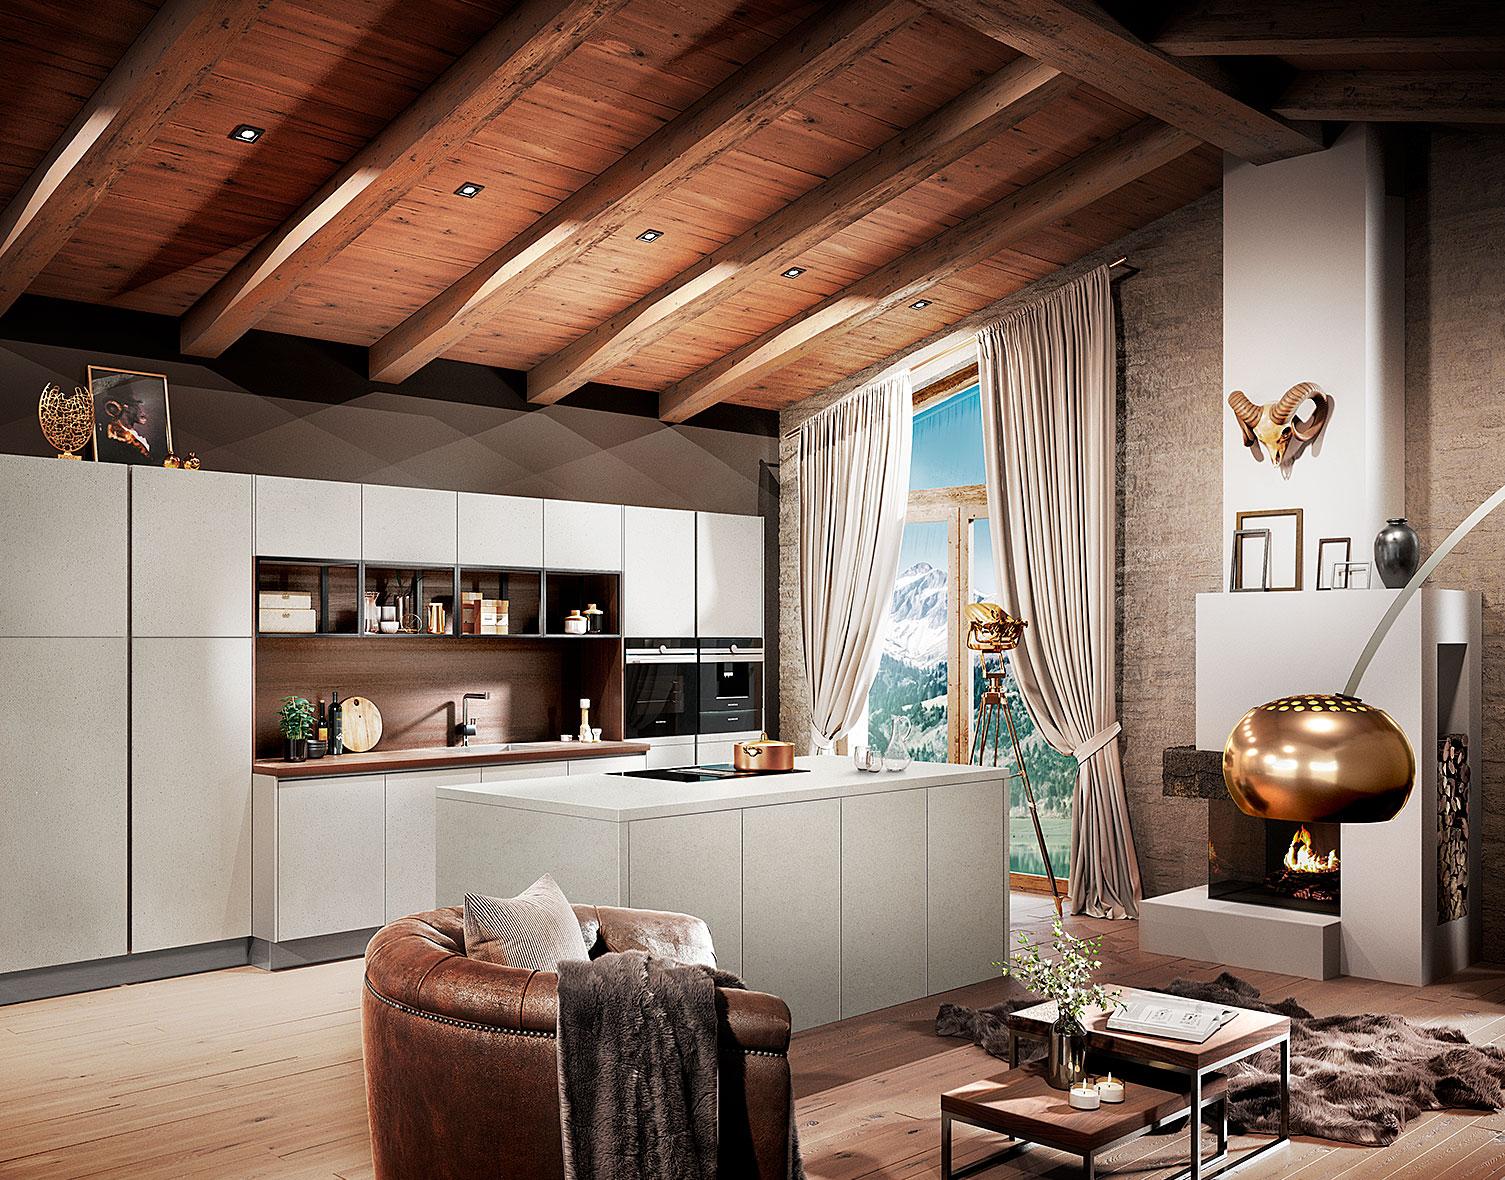 Full Size of Schmale Küche Einrichten Pinterest Mediterrane Küche Einrichten Restaurant Küche Einrichten Kosten Küche Einrichten Mit Wenig Geld Küche Küche Einrichten